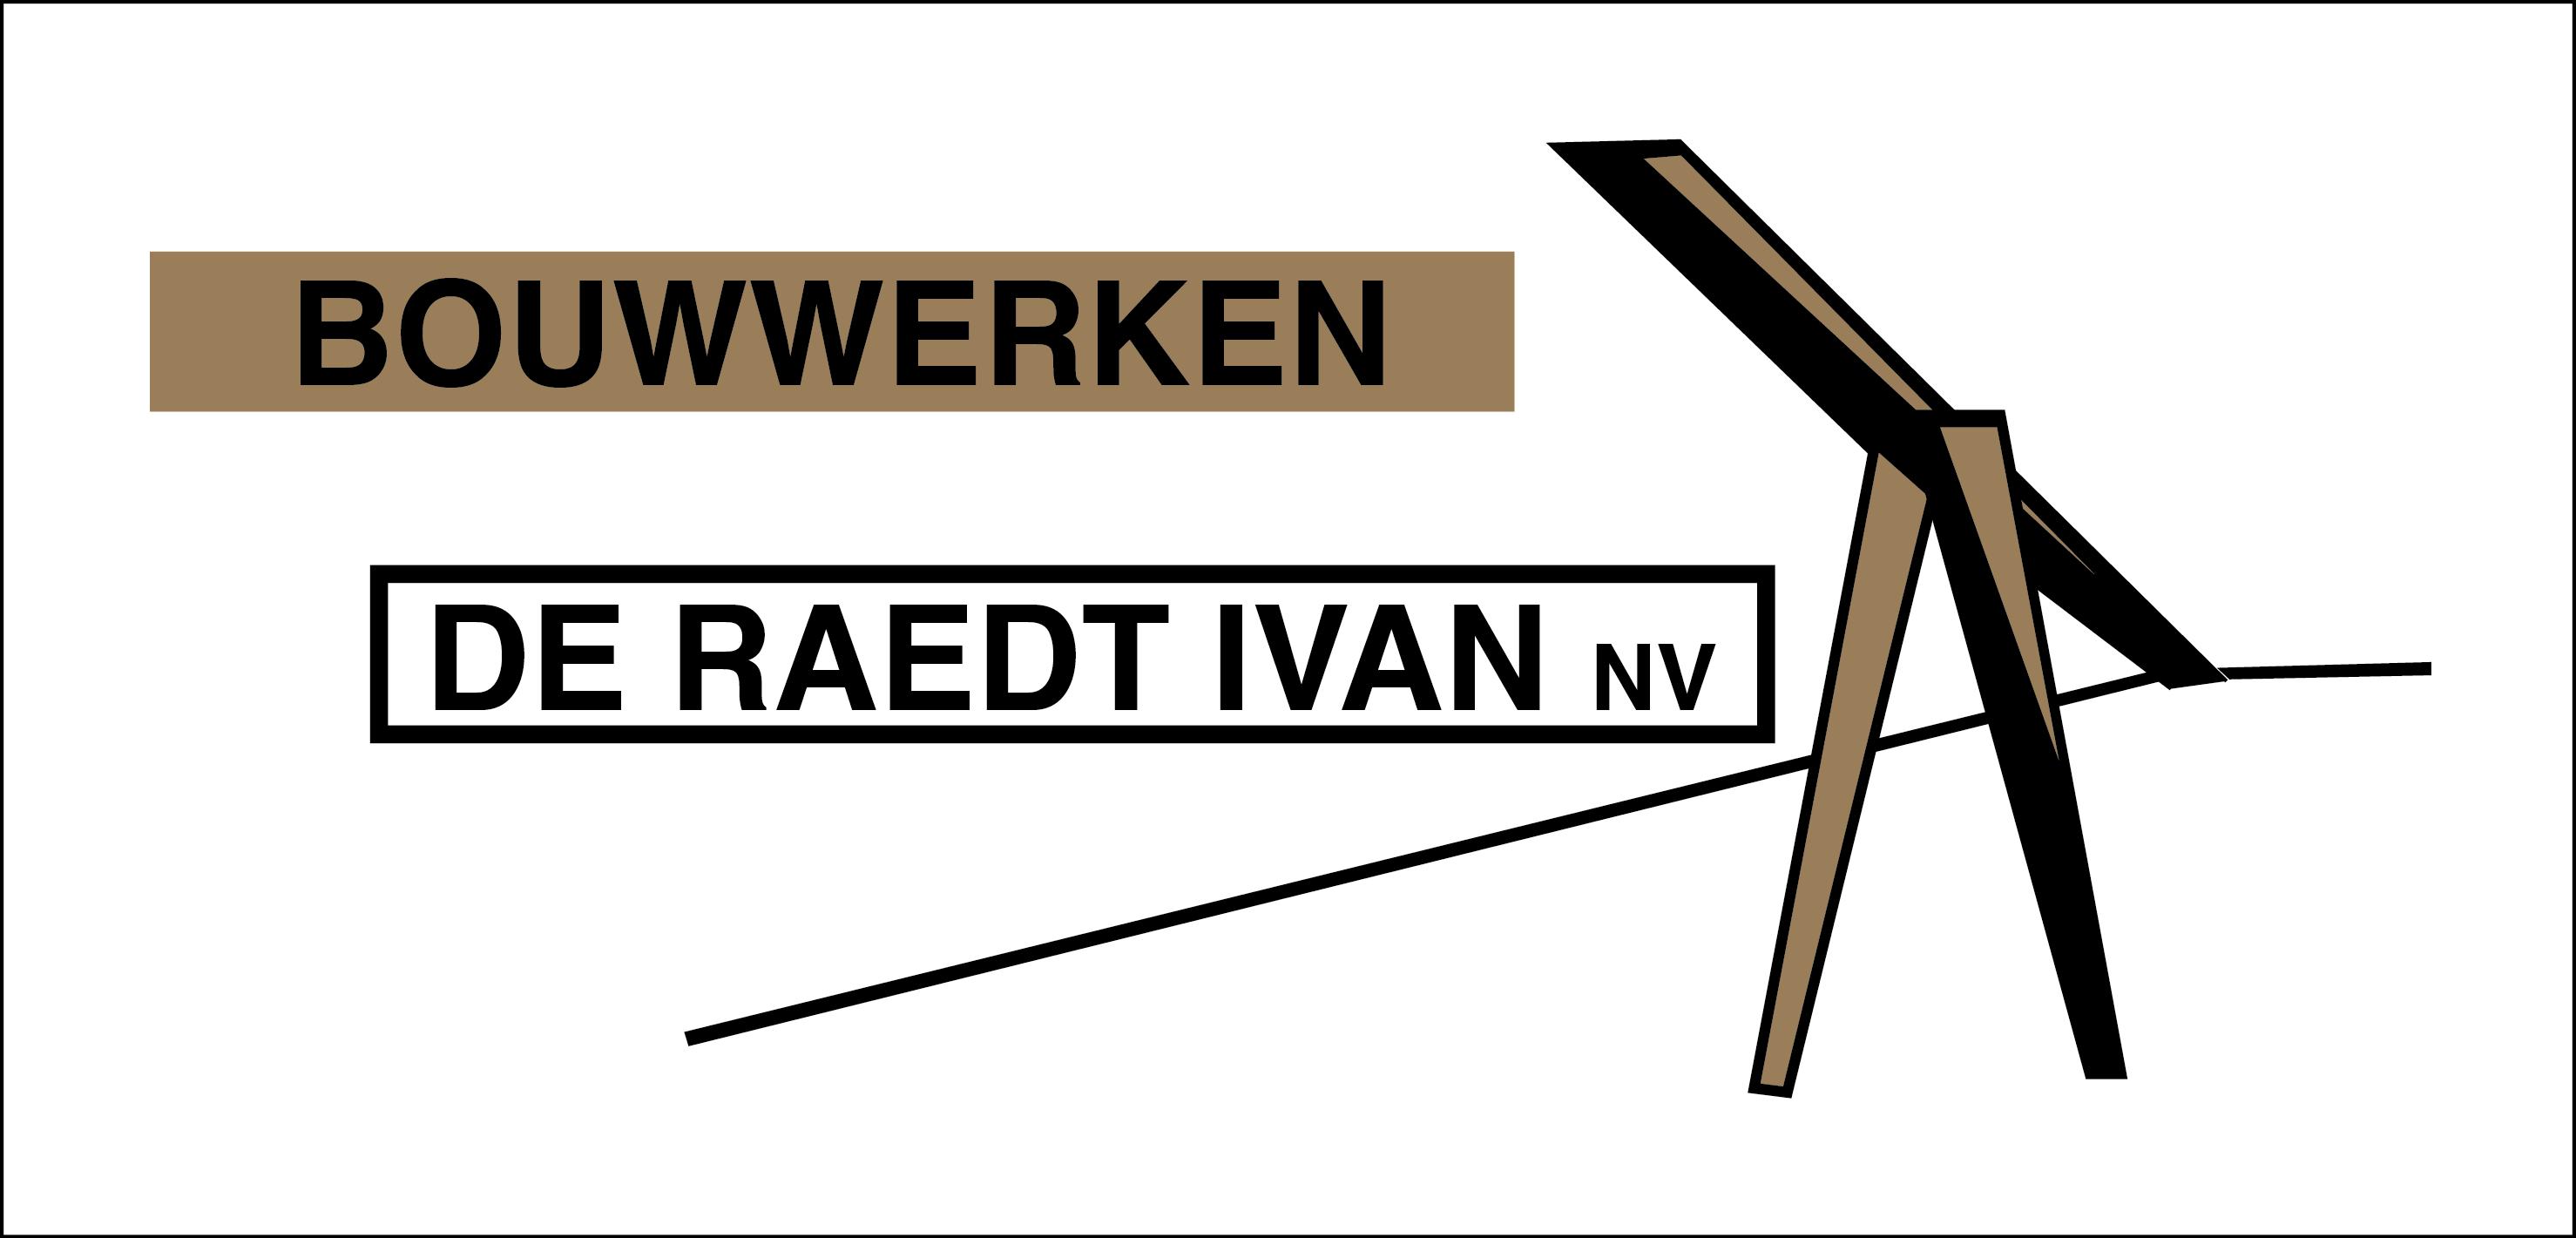 Sponsor Bouwwerken De Raedt Ivan nv